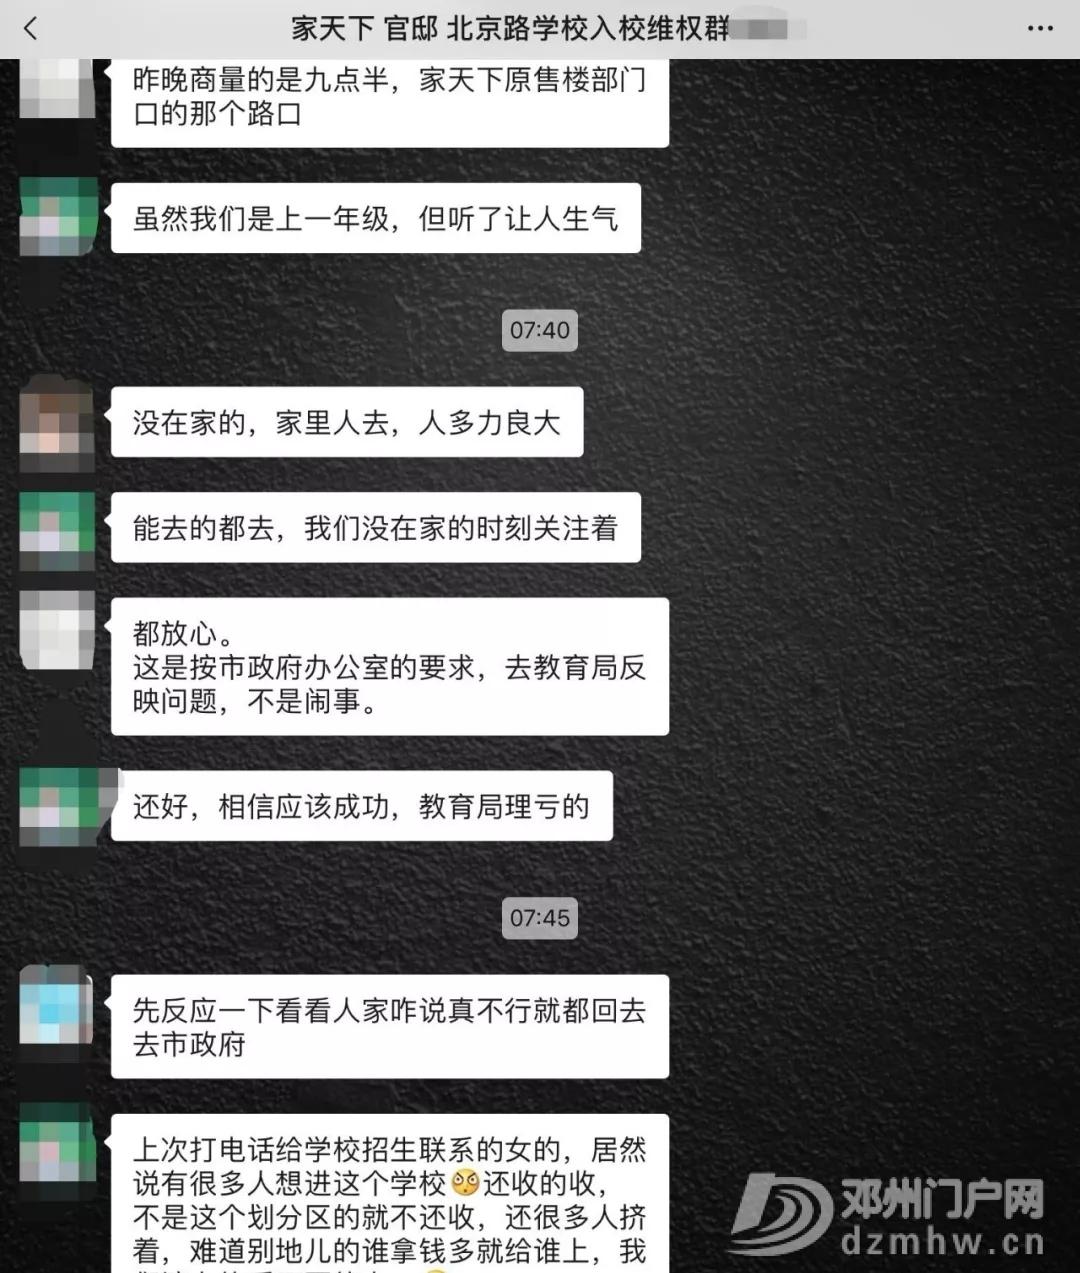 在邓州买了学区房,结果孩子却不能在附近学校上学,怨谁? - 邓州门户网 邓州网 - 640.webp8_WPS图片.jpg